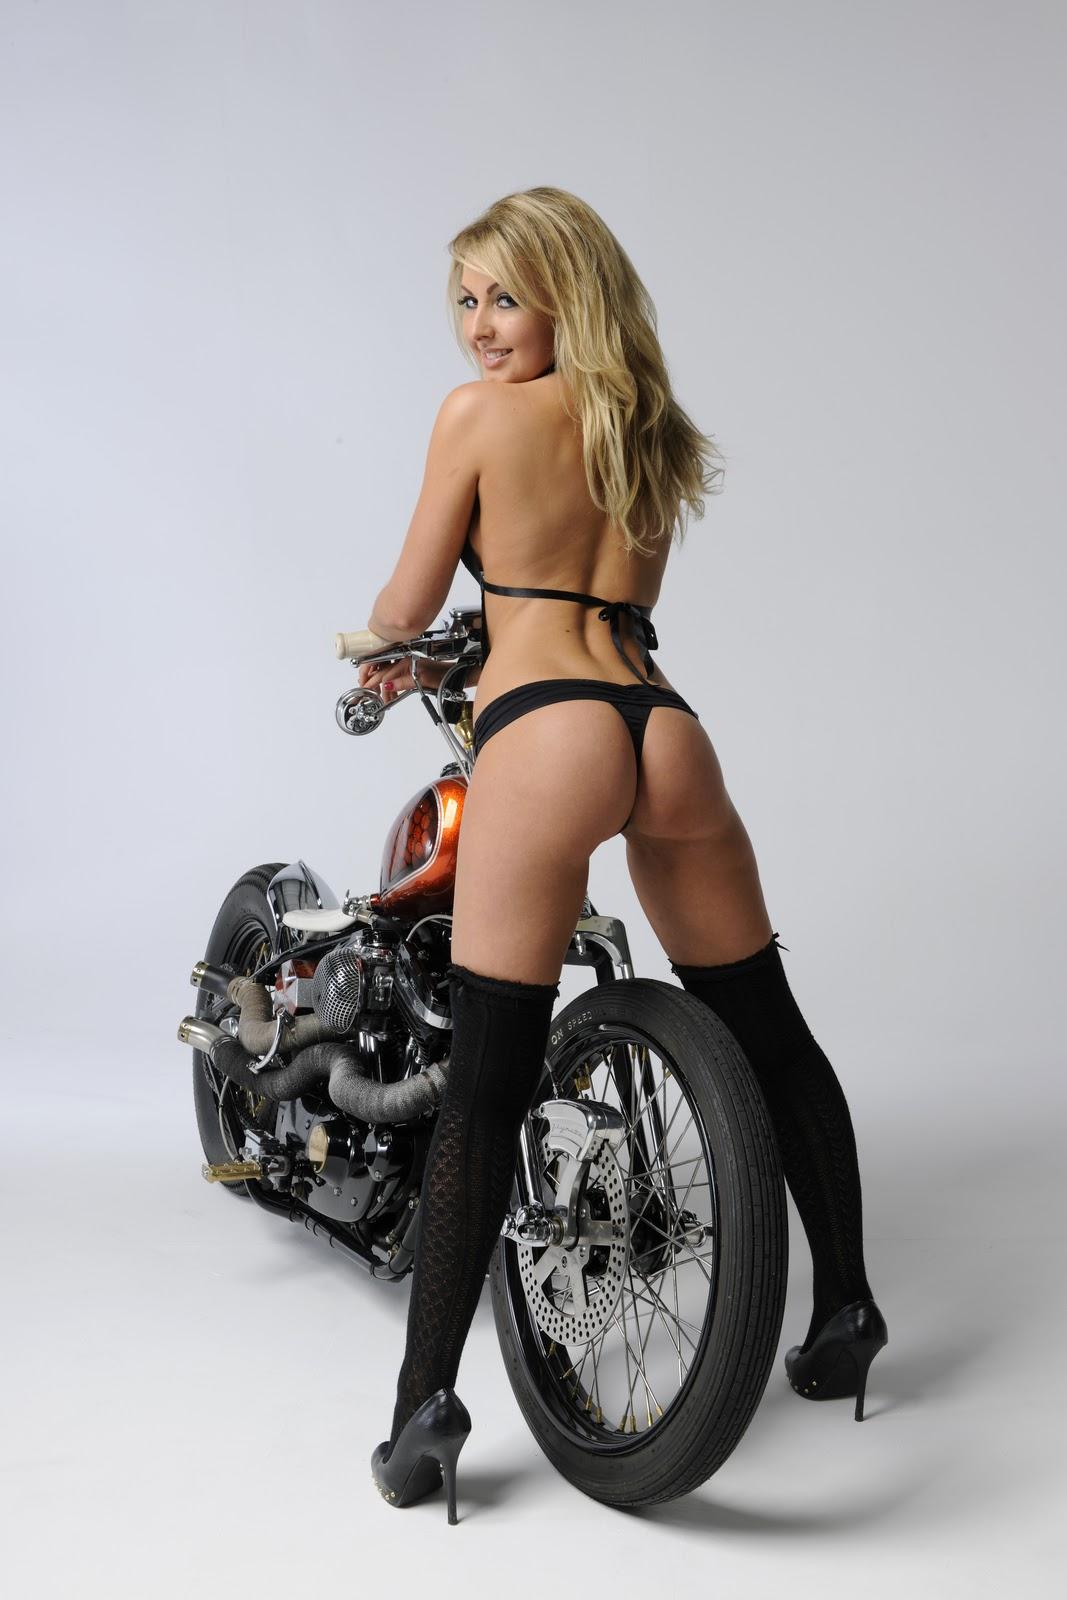 Dual Sport Motorcycle Girl